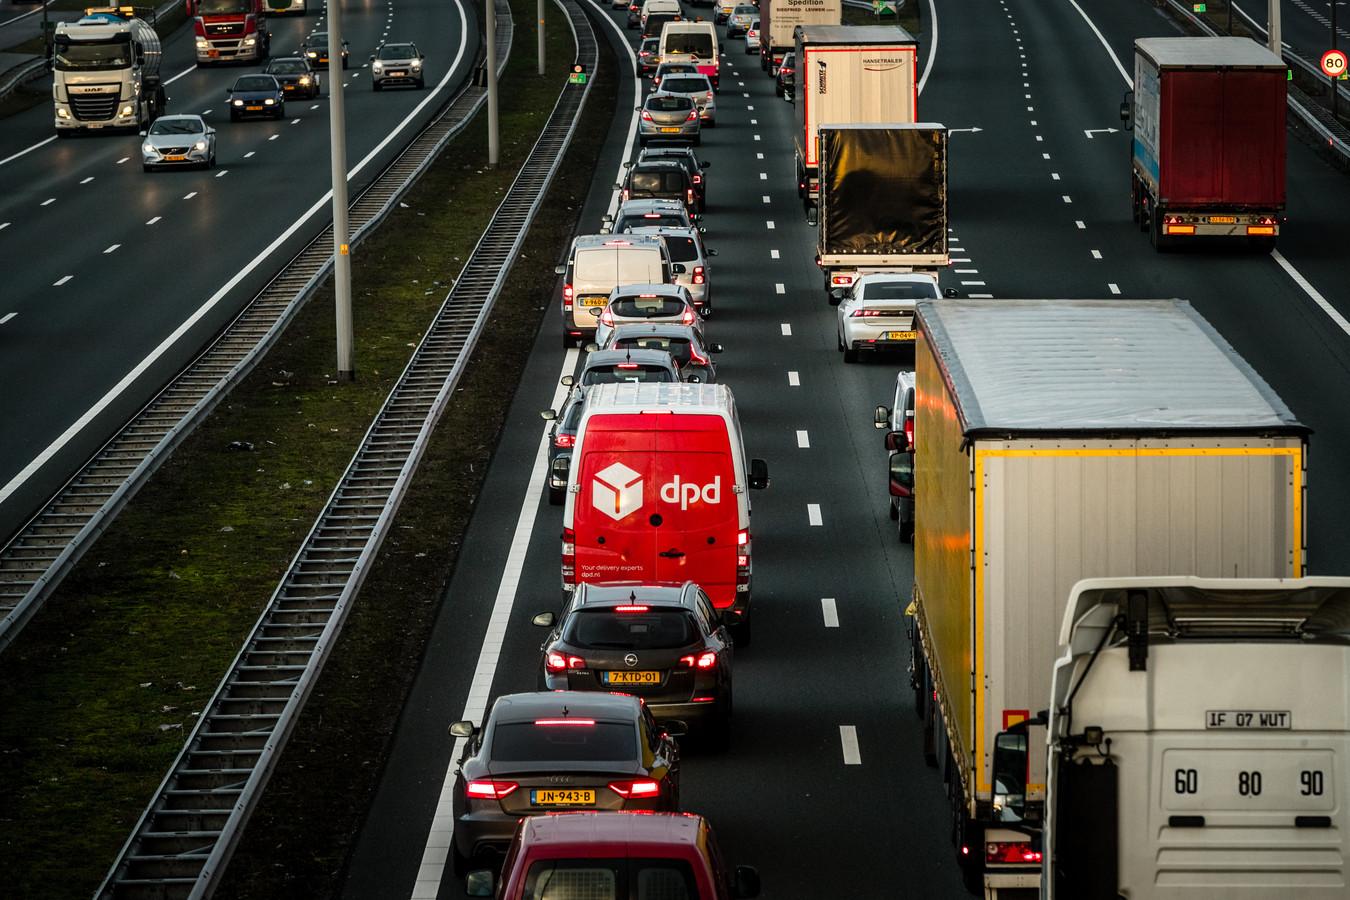 EINDHOVEN - File op de A2 vanuit Eindhoven richting het noorden. Door diverse stakingen in onder andere het openbaar vervoer wordt een drukke ochtendspits verwacht.